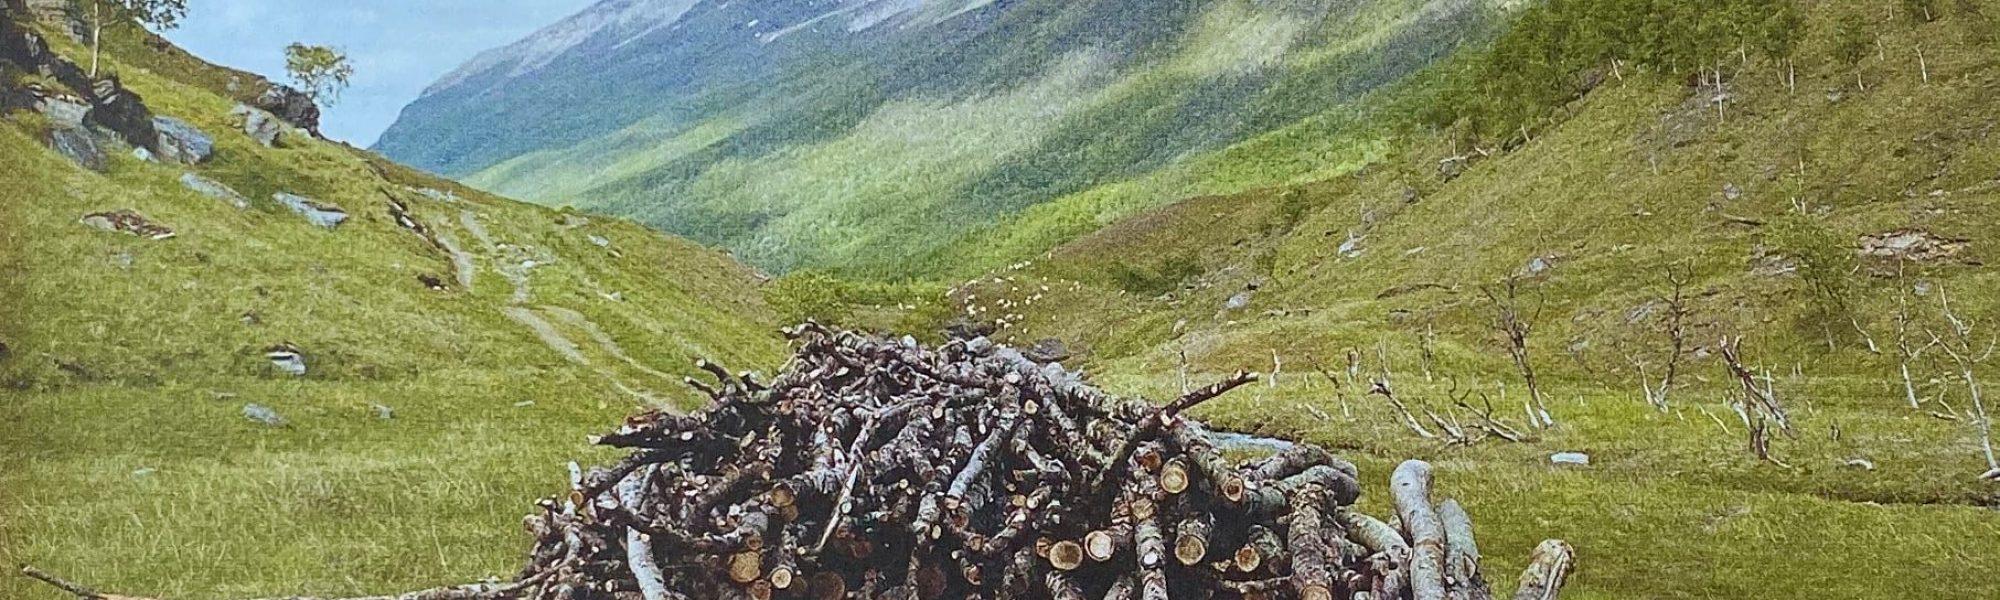 Wood Image 2009, Geir Tore Holm